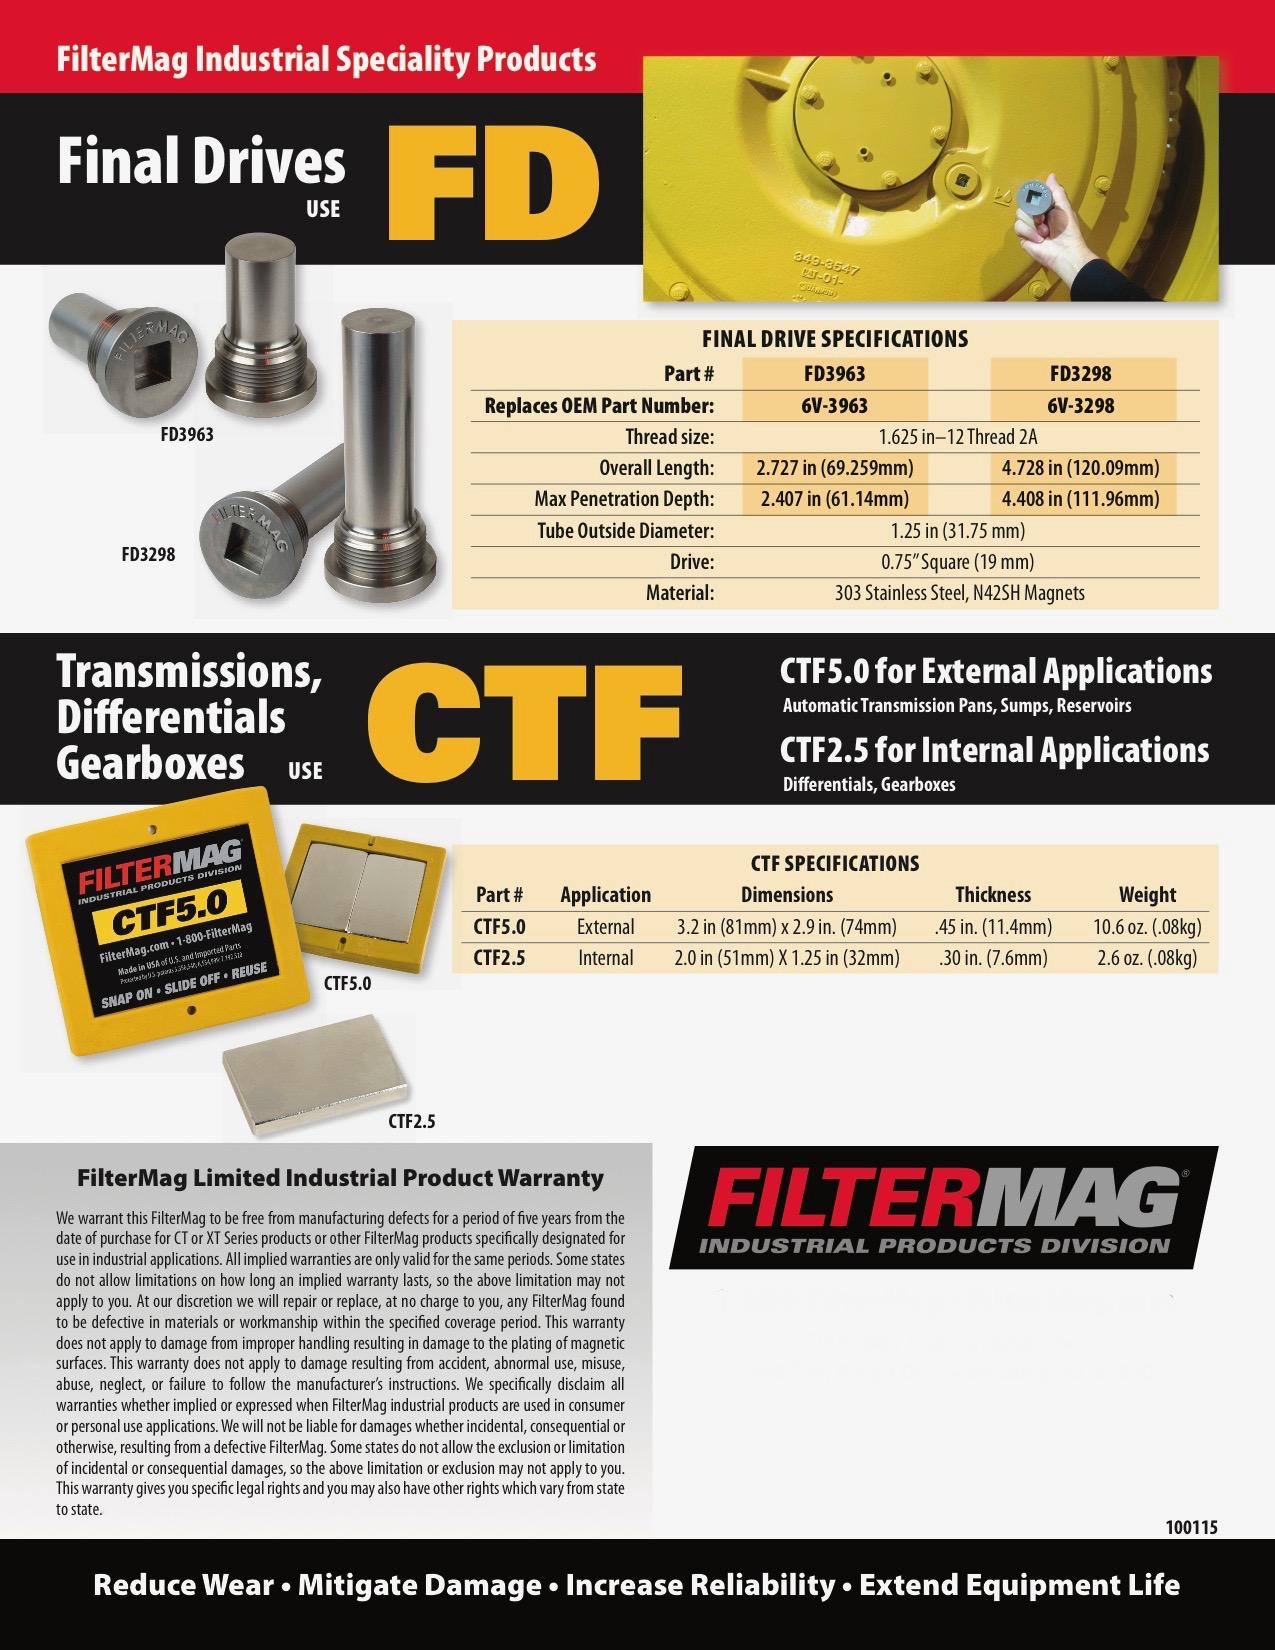 FilterMag Final Drive